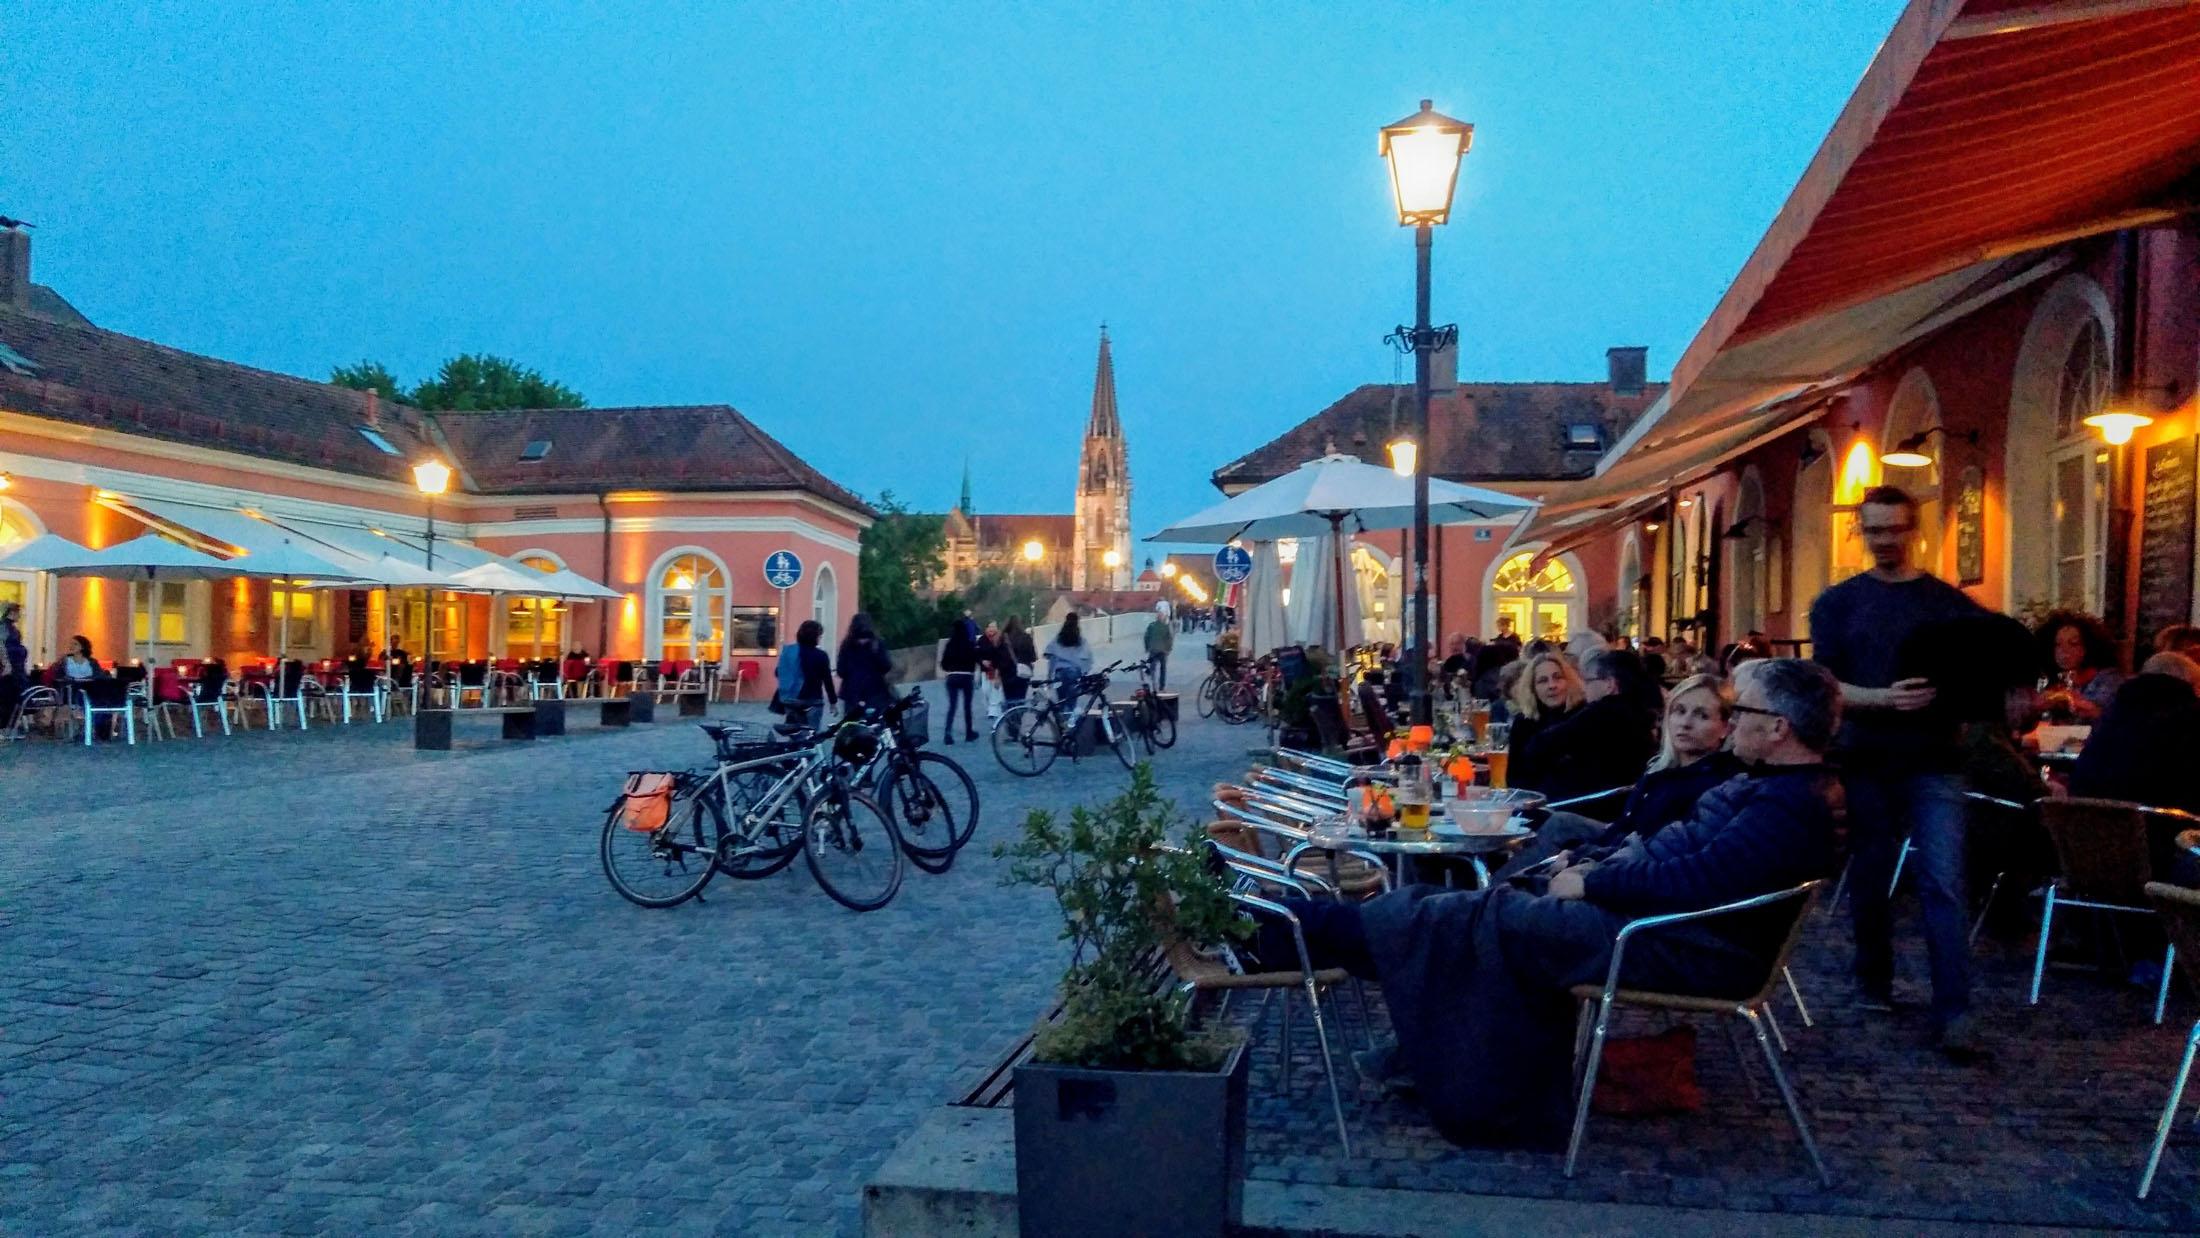 Peaceful idyll in Stadtamhof / Blick auf den Dom von Regensburg mit Stadtamhof. – © Tourismusverband Ostbayern e.V., Stephan Moder